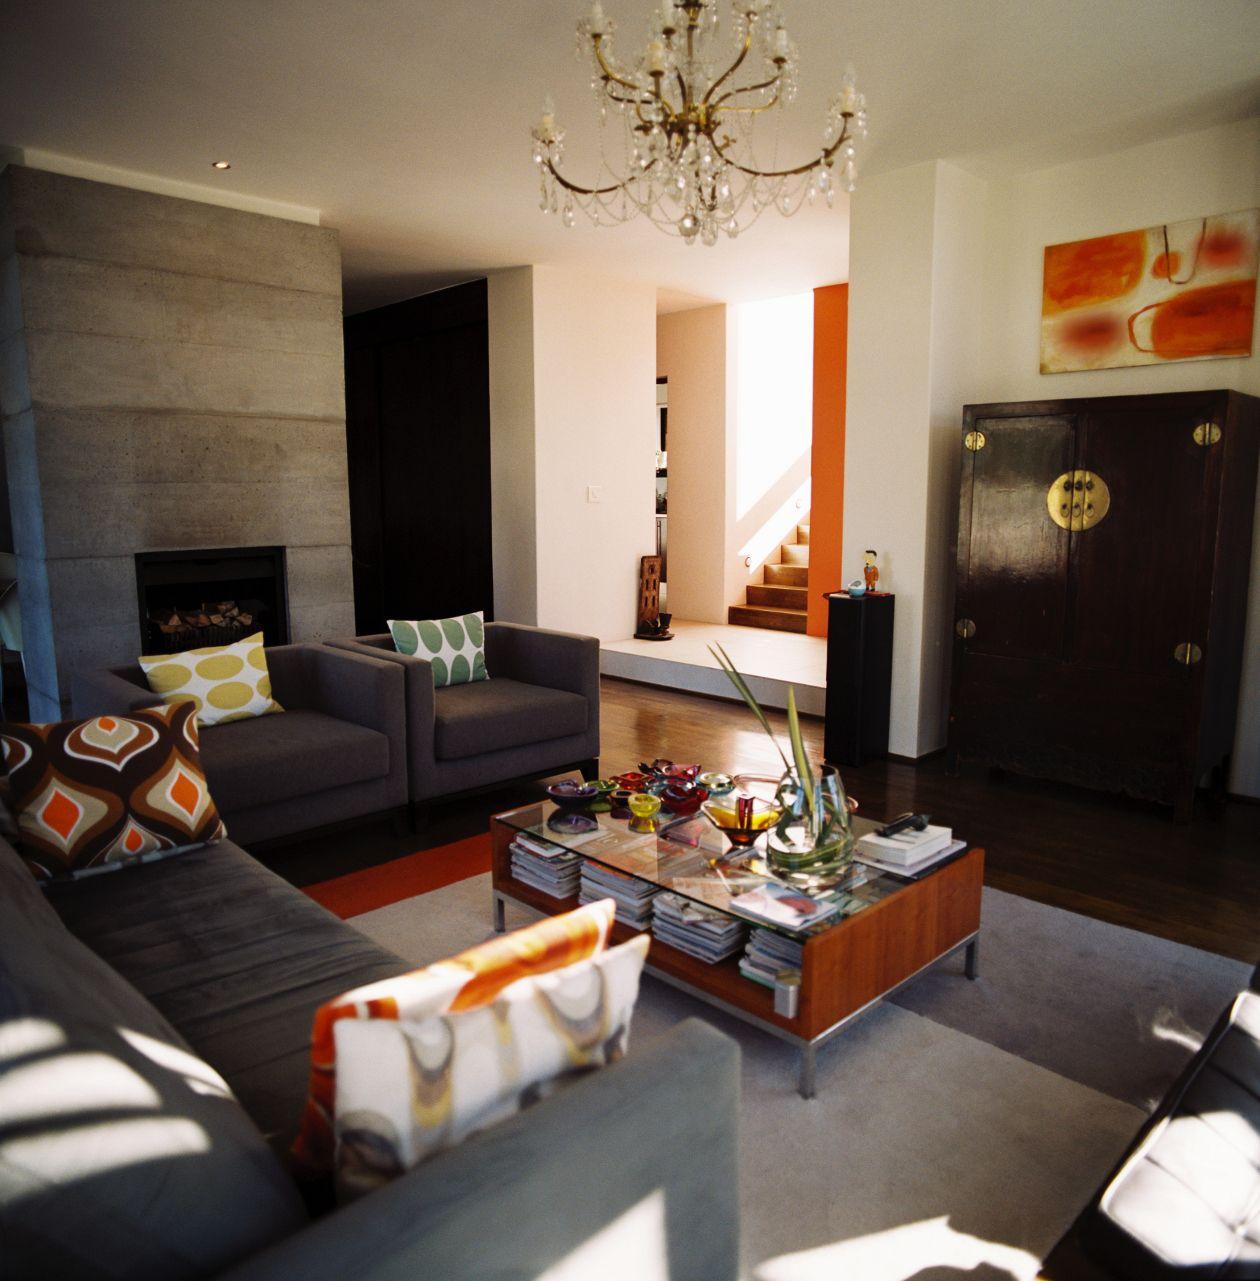 decoracion de interiores | Leaving rooms | Pinterest | Decoración ...